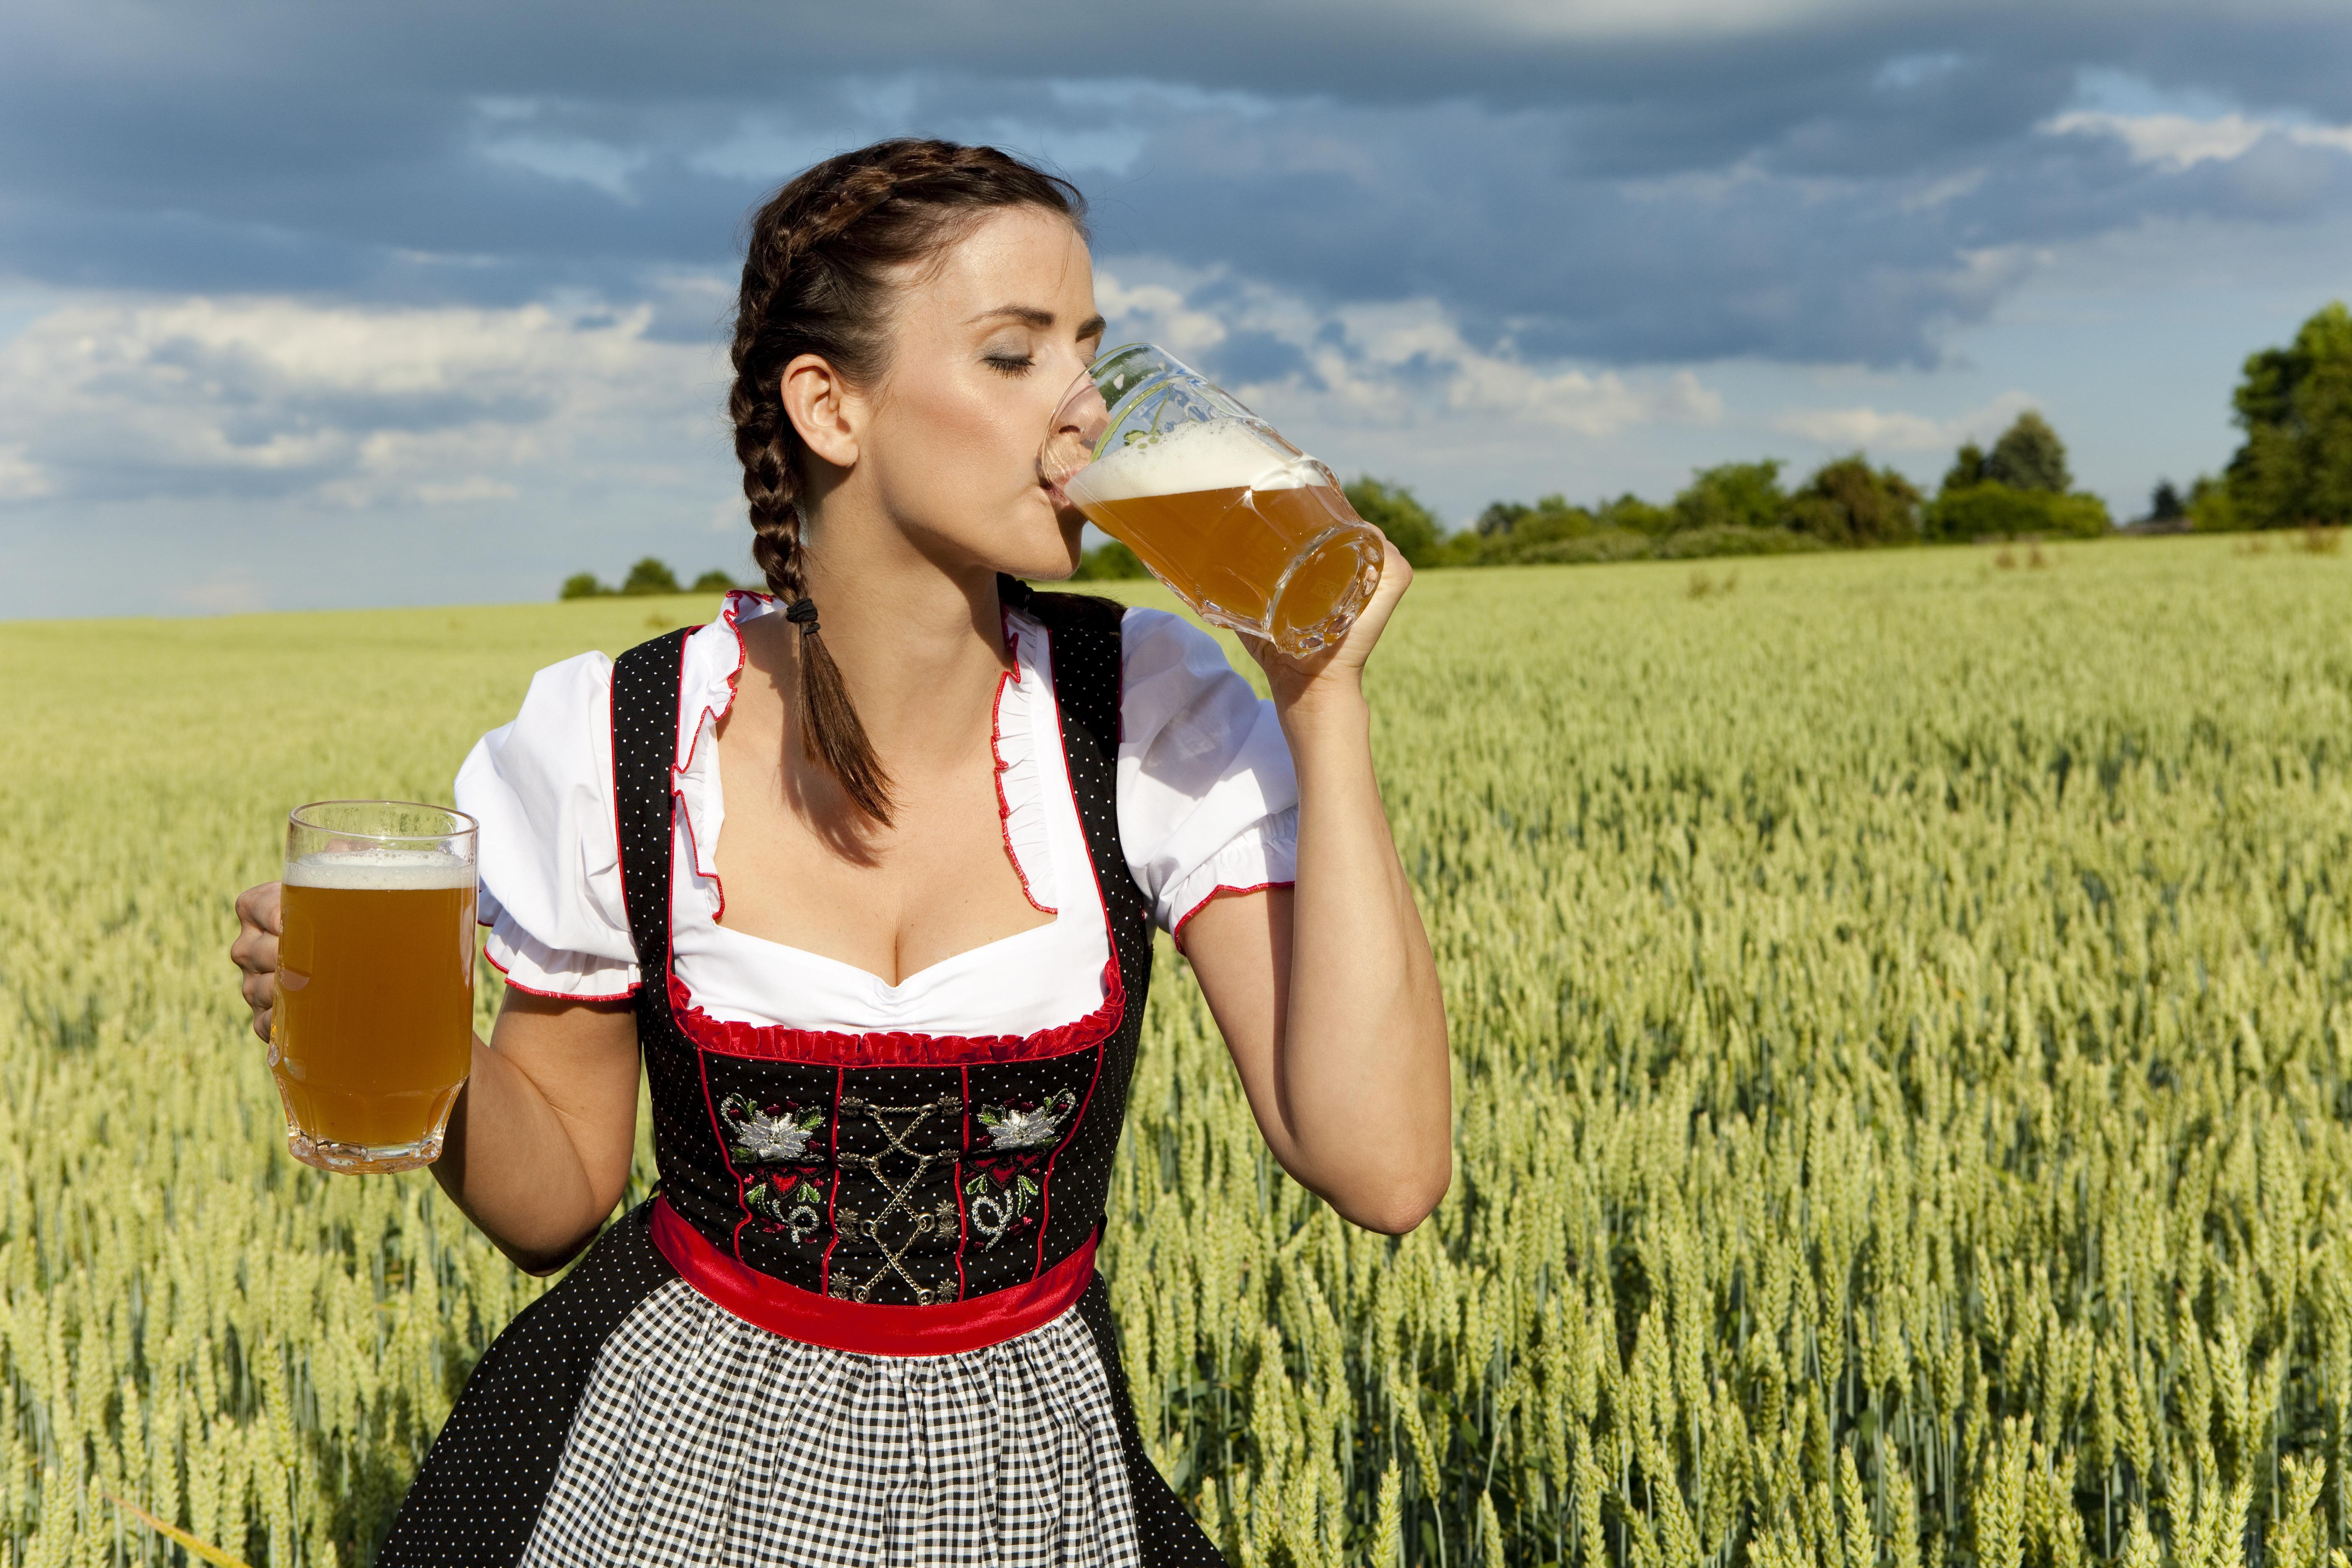 Фото красивых девушек с бутылкой 20 фотография